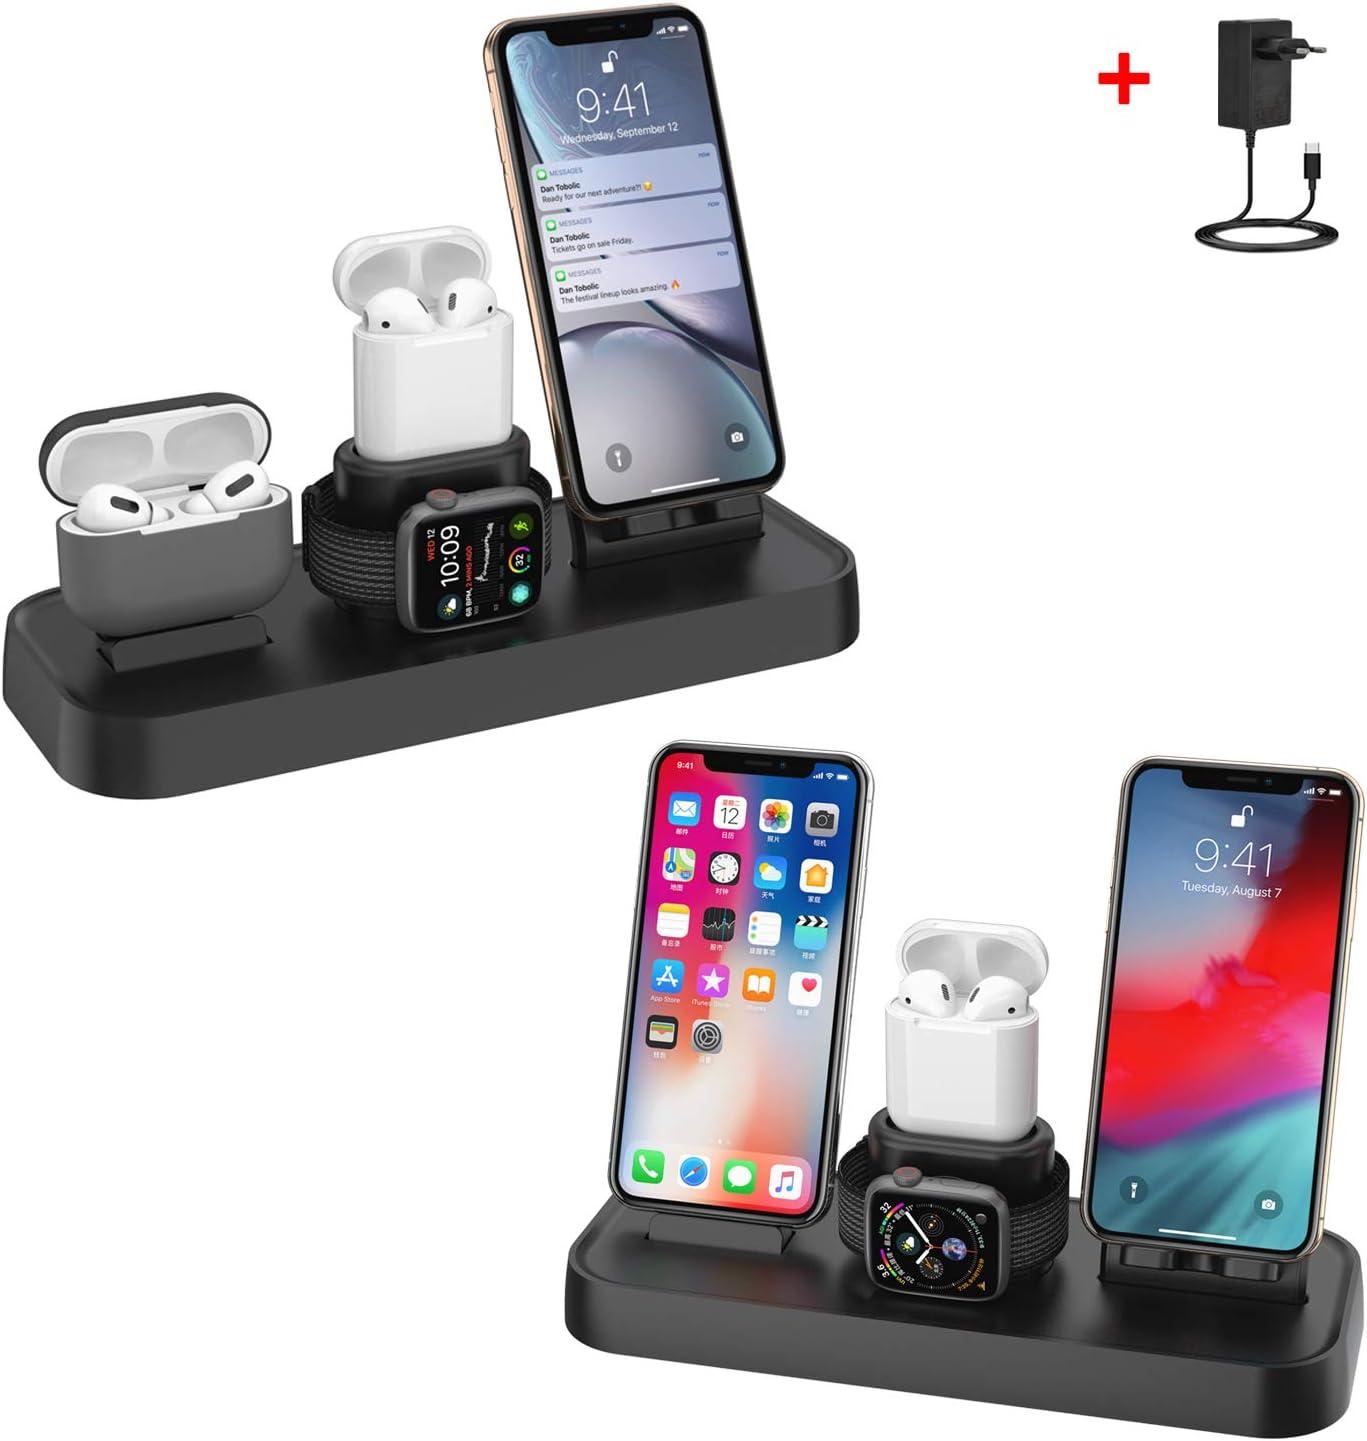 Soporte de Carga para Apple Watch, Estación de Carga Rápida Qi Inalámbrica 4 en 1 Soportes de Carga de para Phone X XS MAX 8 Plus y Teléfonos Qi-Enabled AirPods e iWatch Series 4/3/2/1